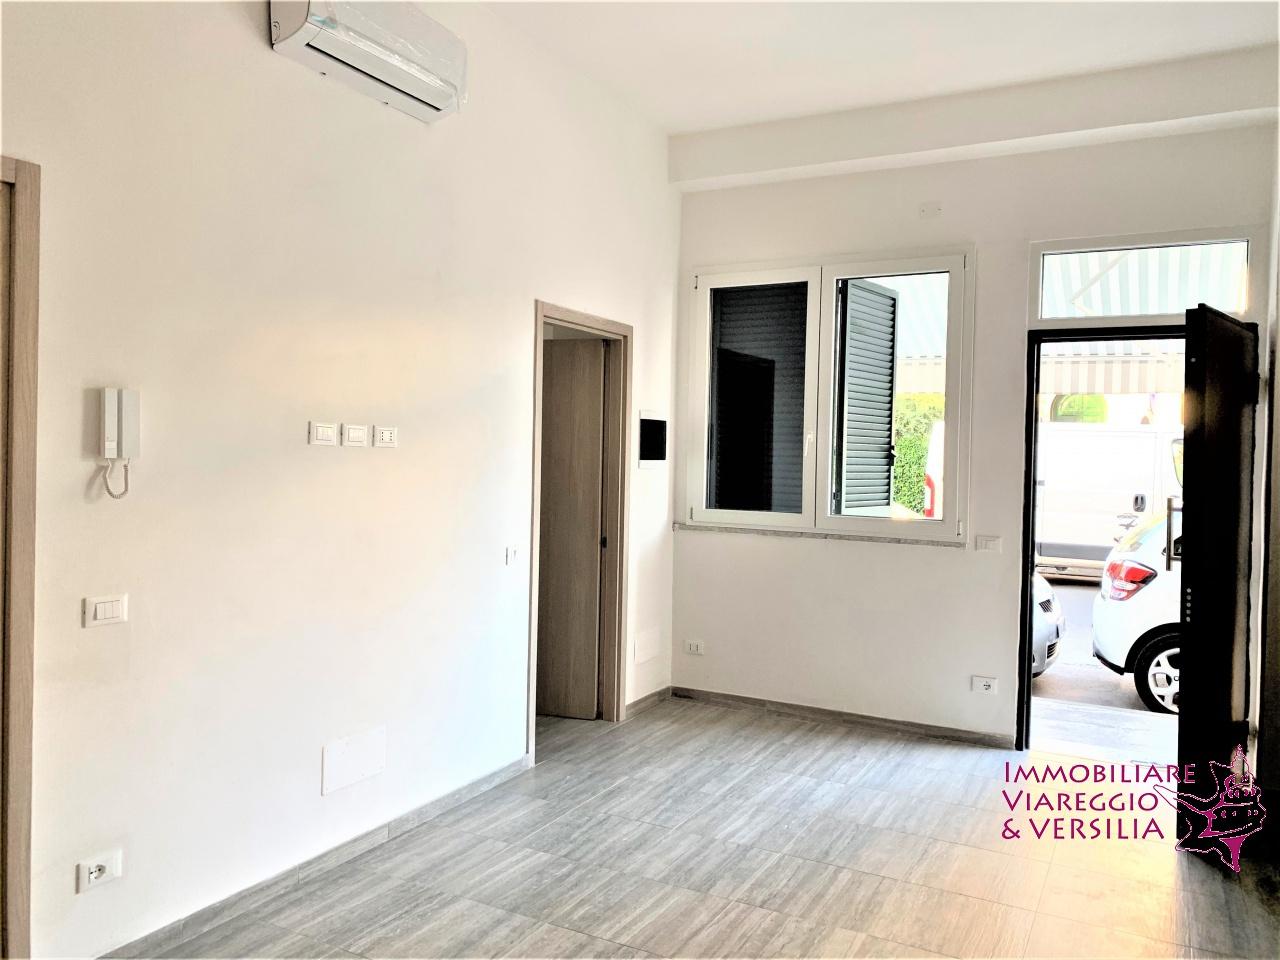 appartamento indipendente vendita viareggio centro